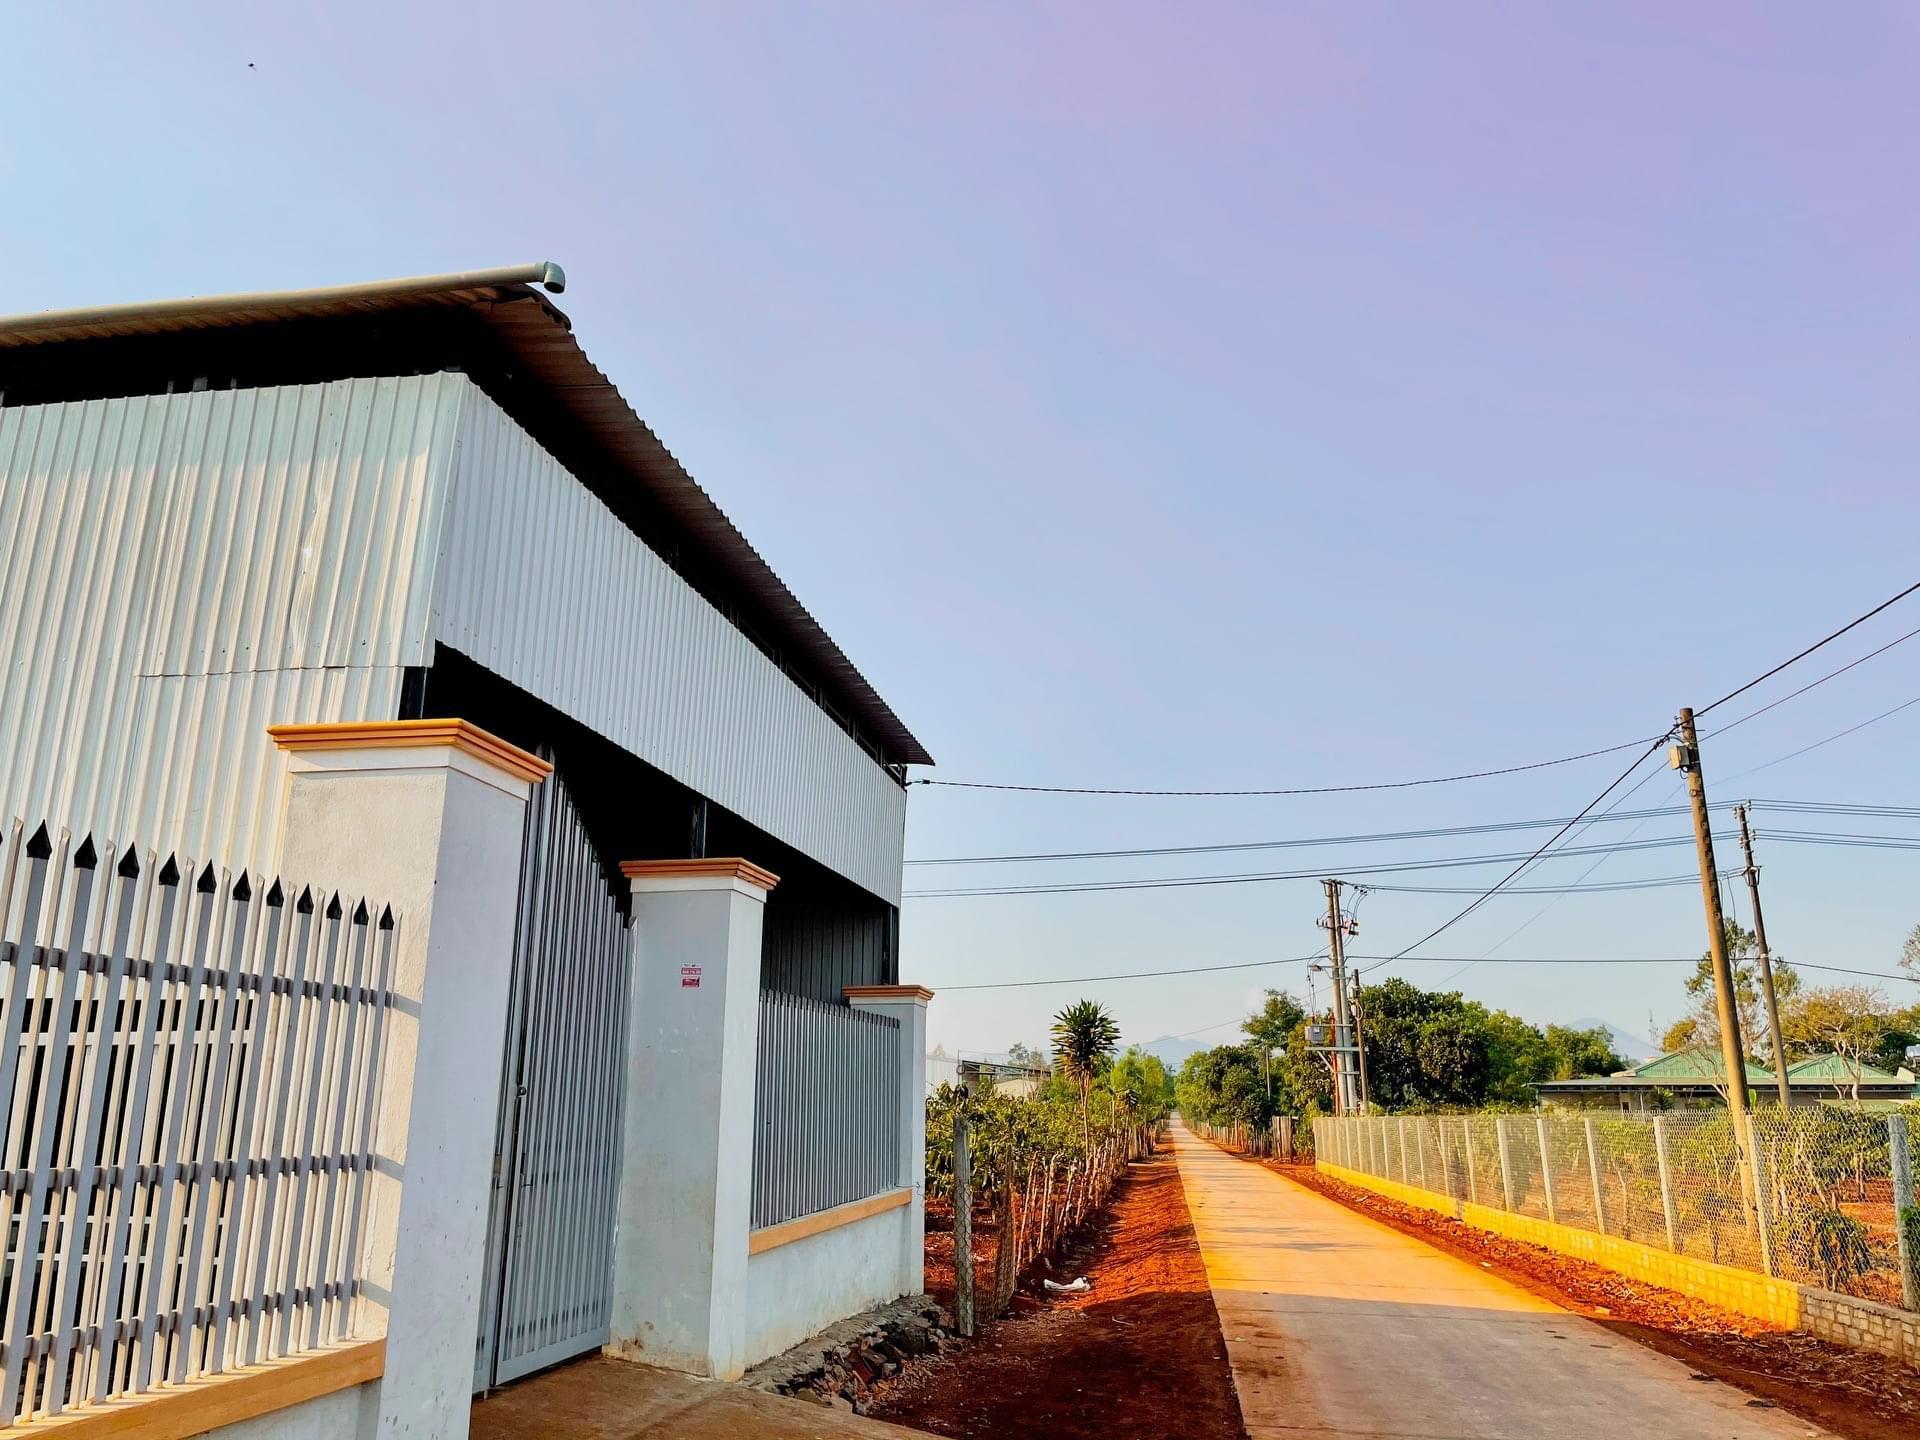 bán đất hẻm Ngô sĩ liên giá chỉ 500 nghìn/m2